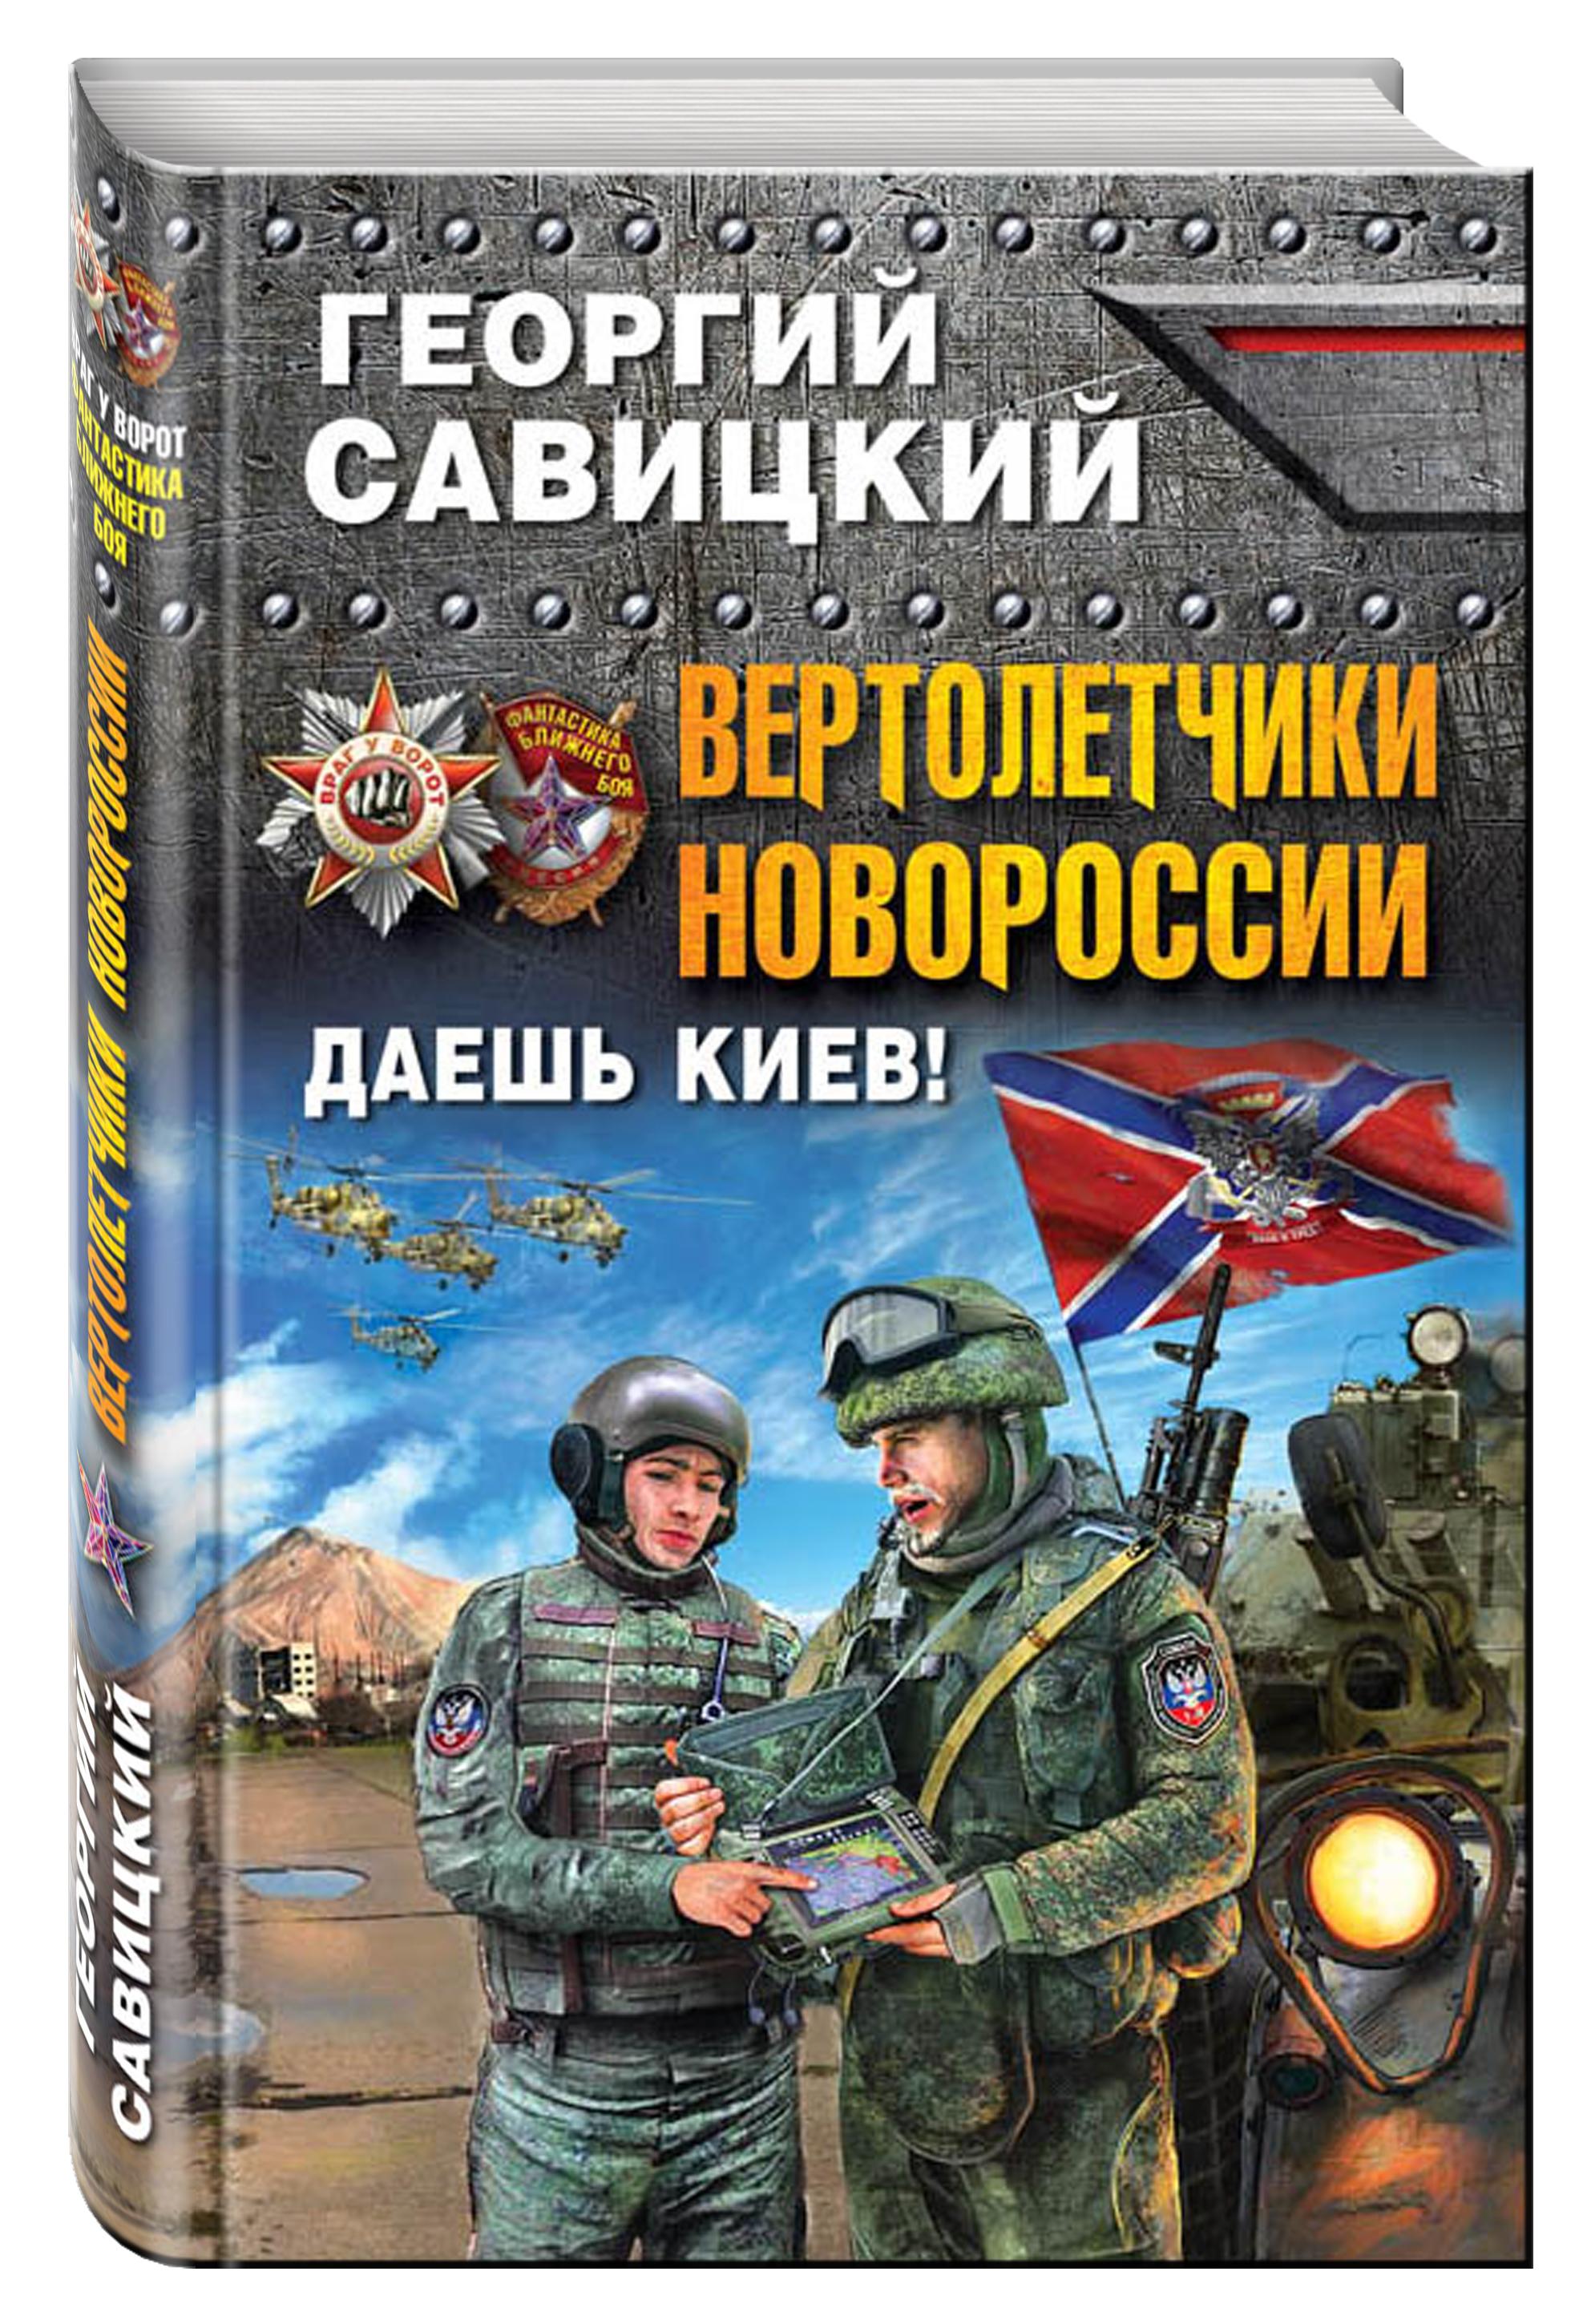 Савицкий Г.В. Вертолетчики Новороссии. Даешь Киев! дача киев до 20 тыс у е